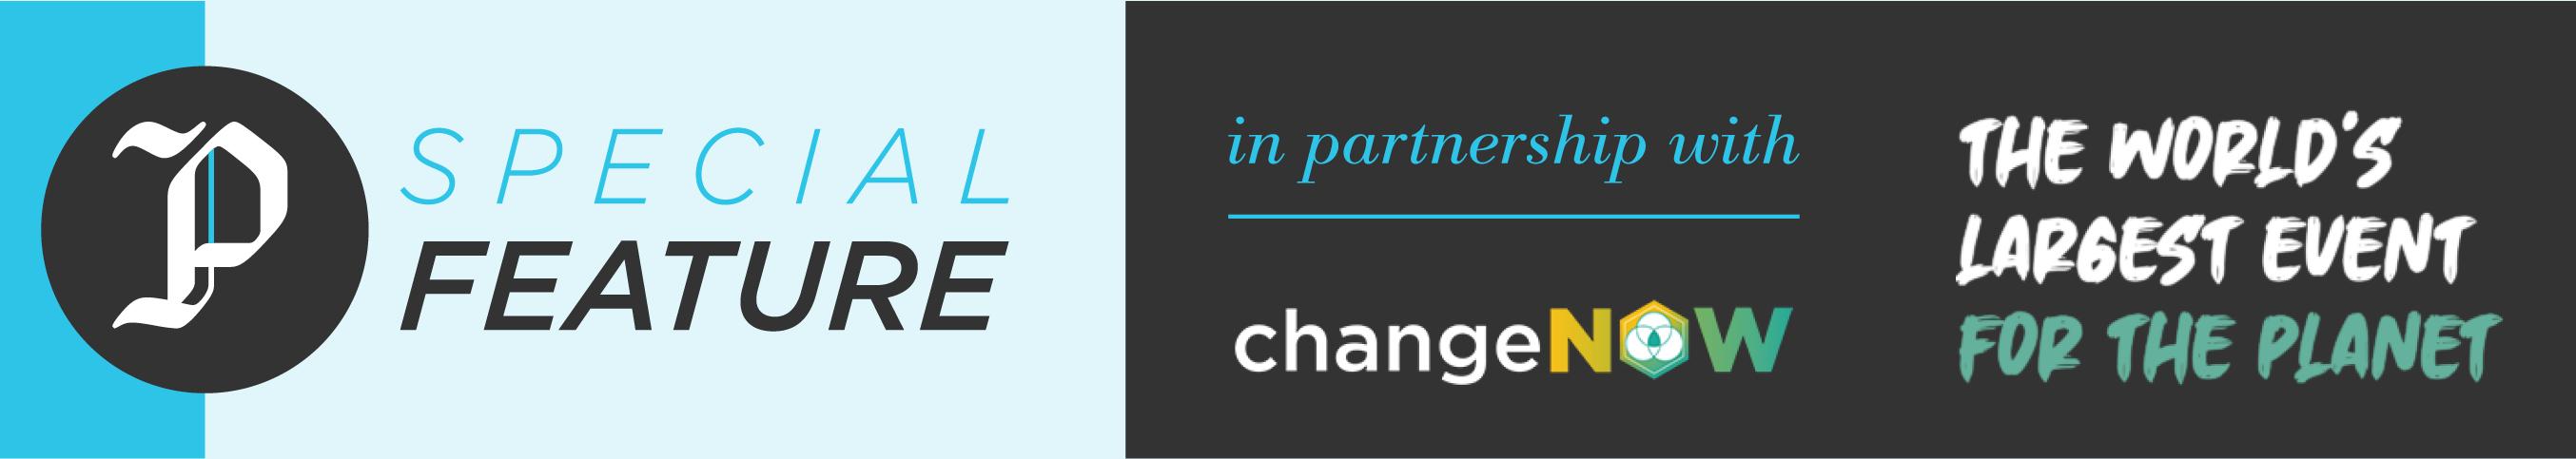 ChangeNow summit